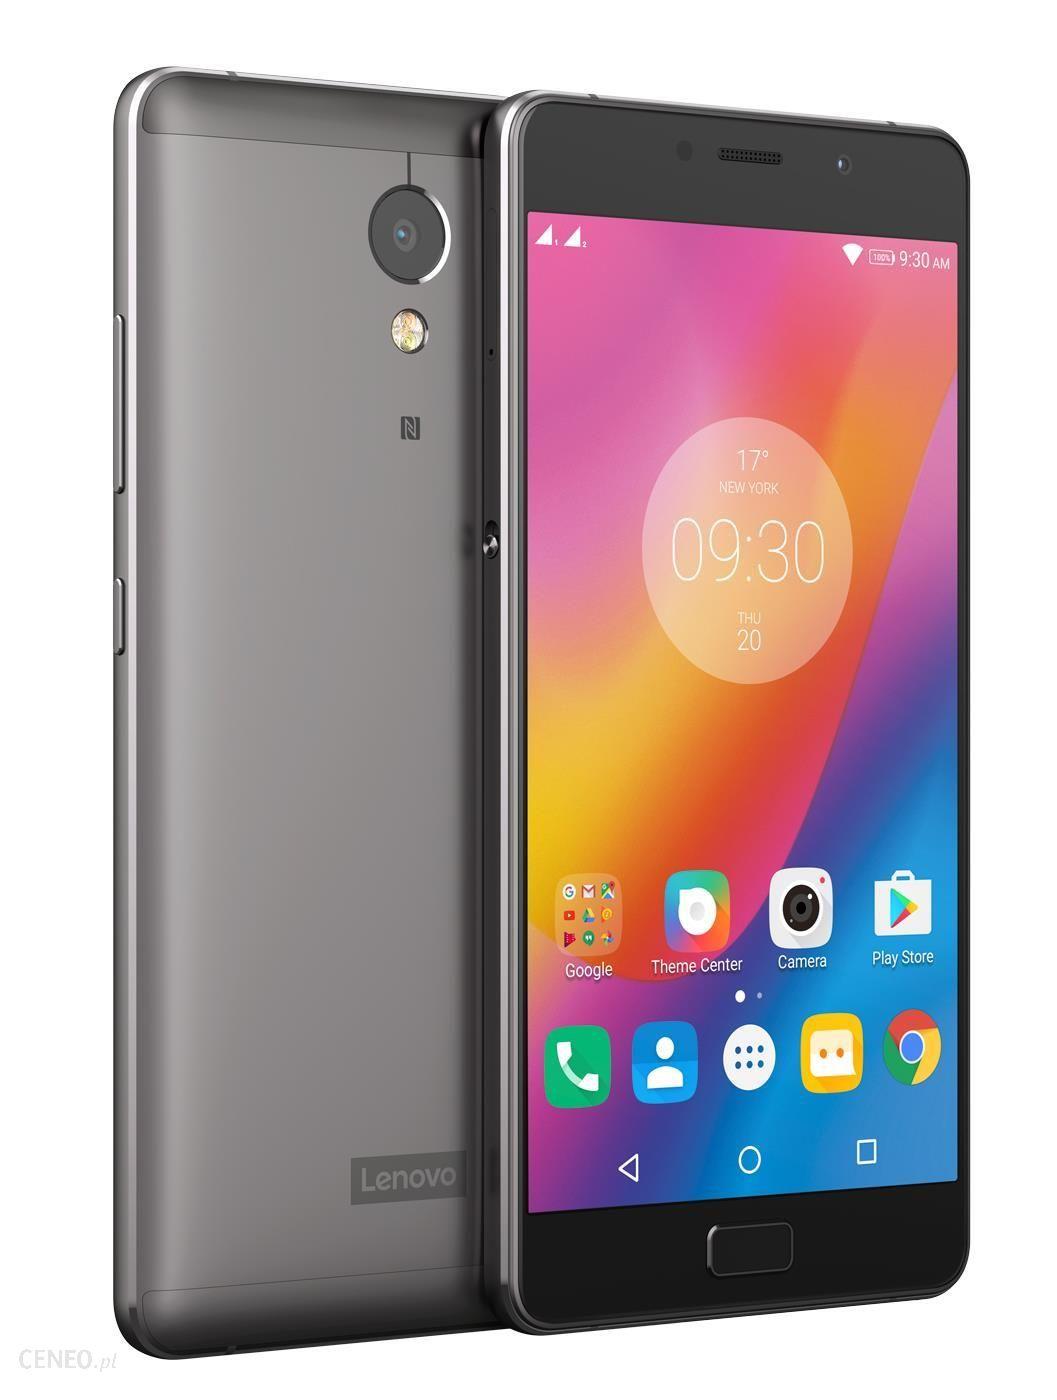 Krótka recenzja smartfona Lenovo P2 po tygodniu użytkowania